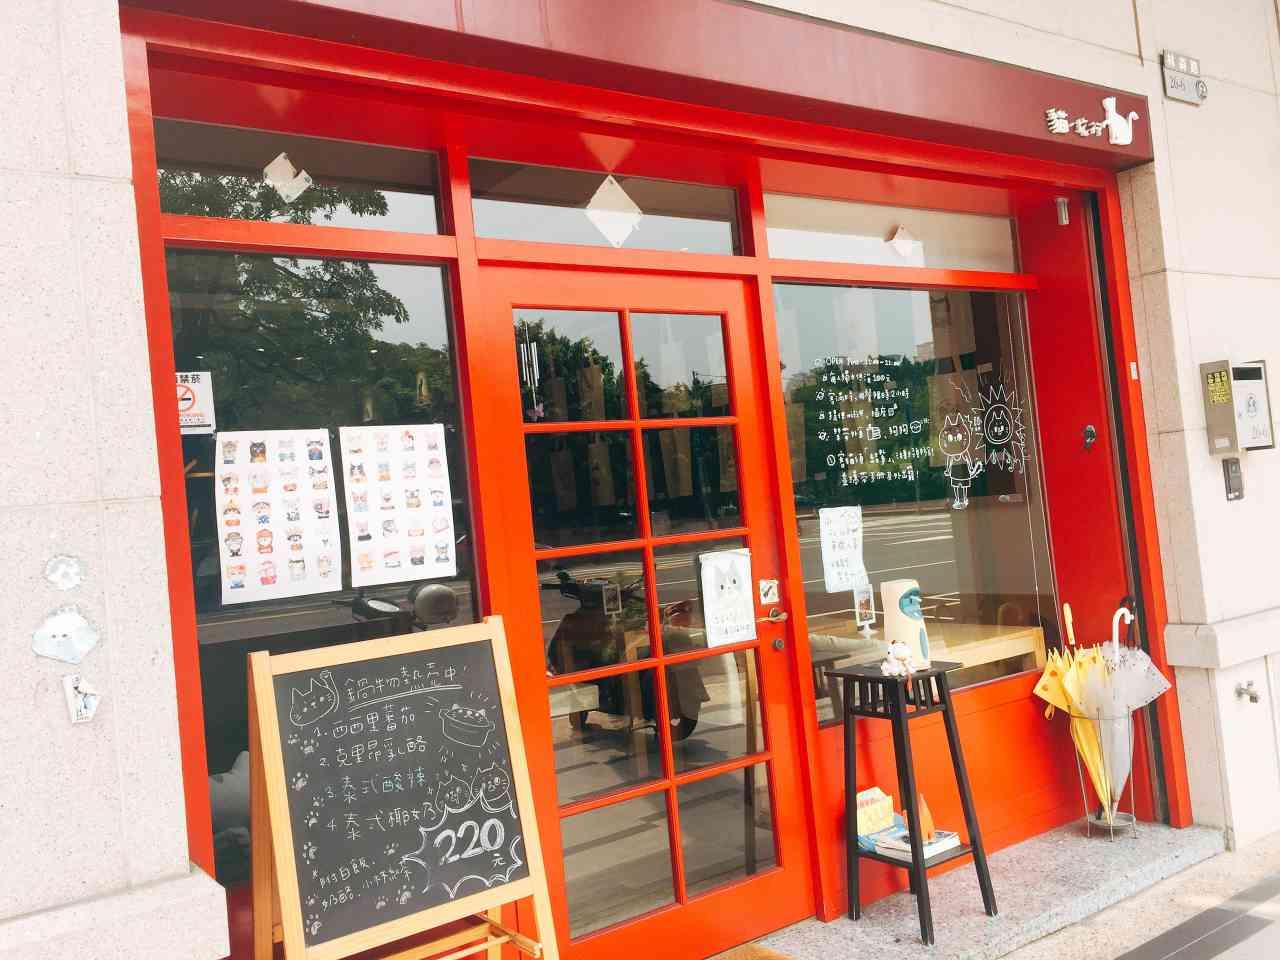 【台中 西區】貓旅行咖啡輕食館